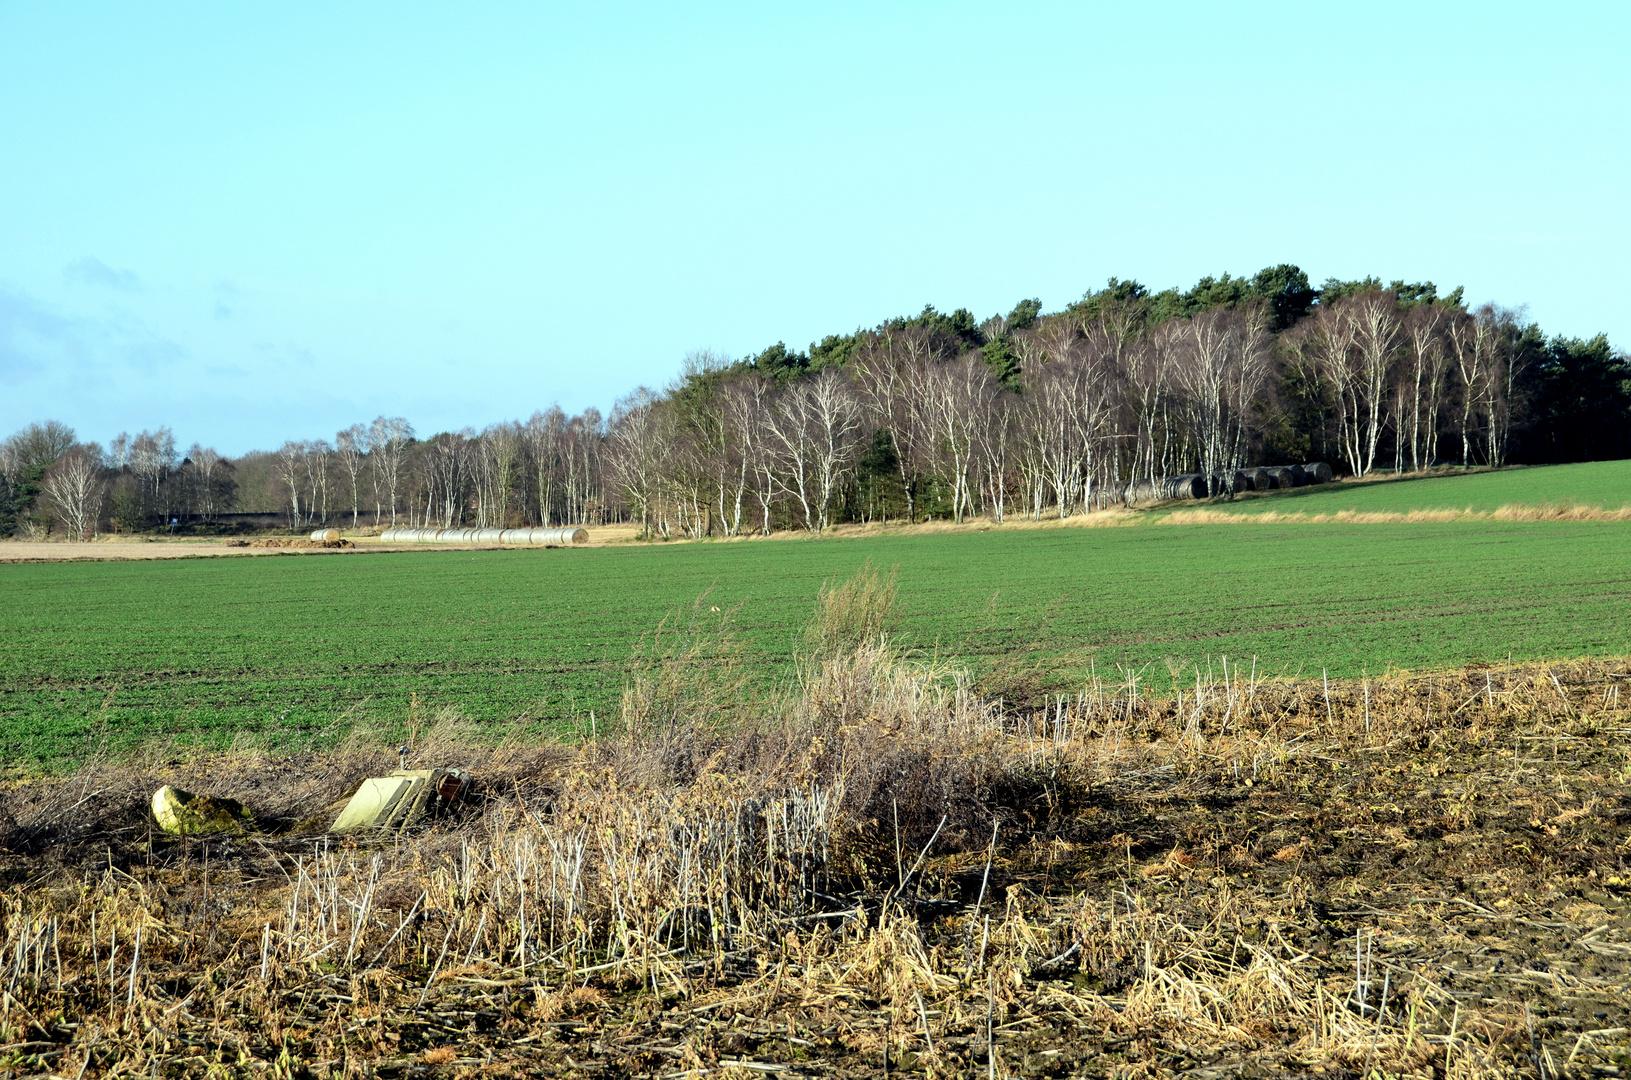 Birkenwäldchen am Feldrand